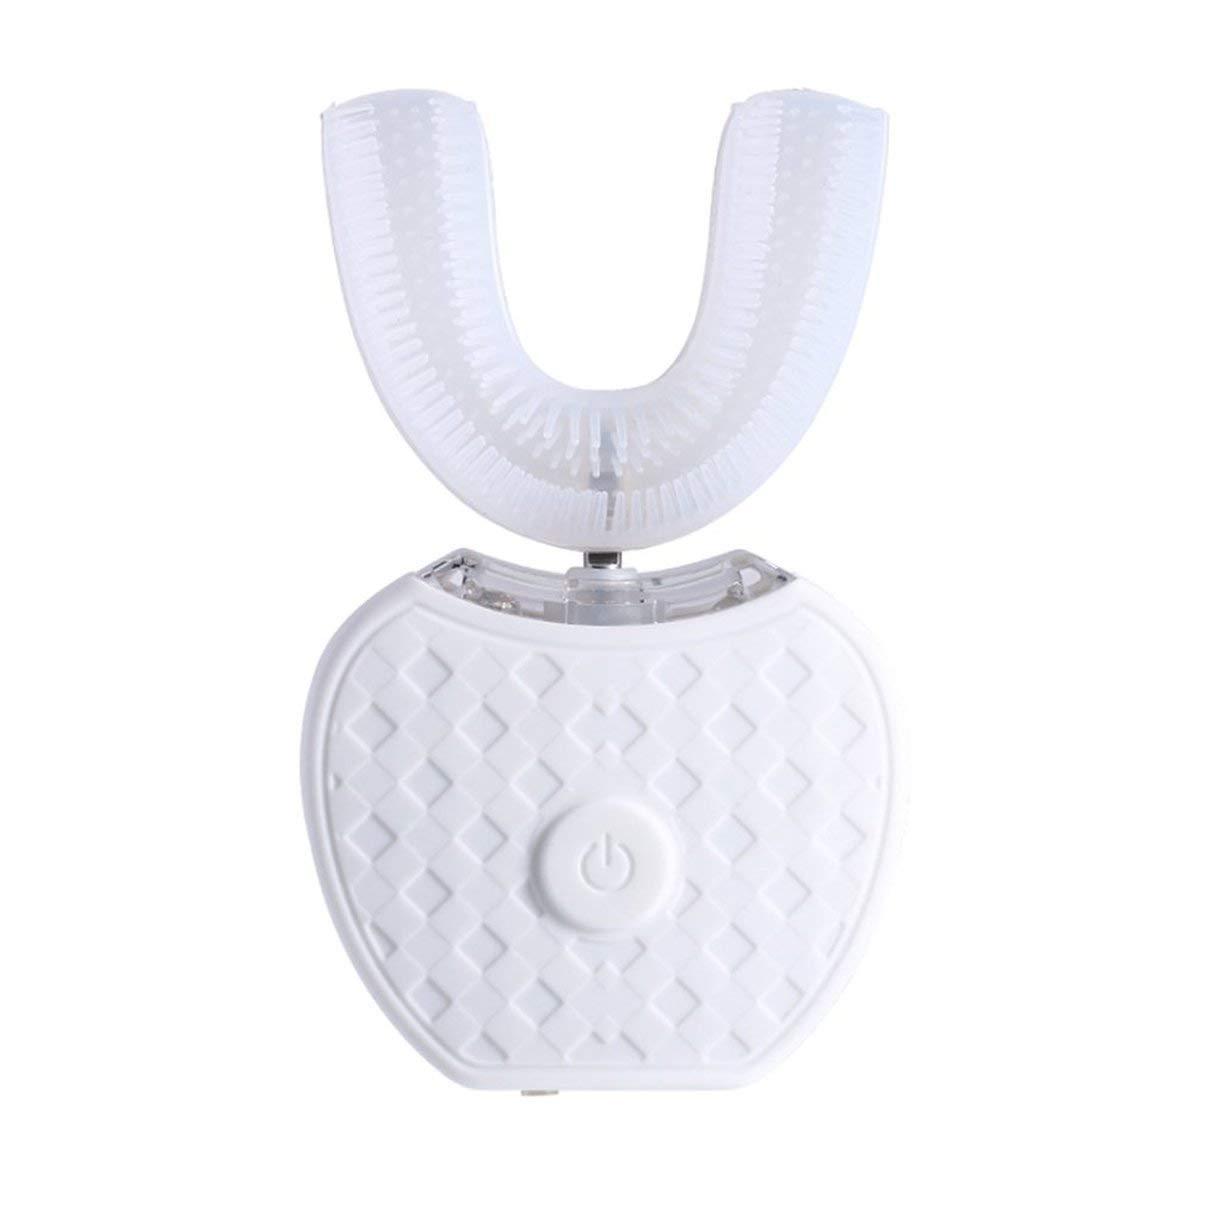 Cepillo de dientes electrico, Full-automatic Frecuencia variable 360 ° Cepillo de dientes eléctrico, ultrasónico Dientes Dispositivo de blanqueamiento con ...